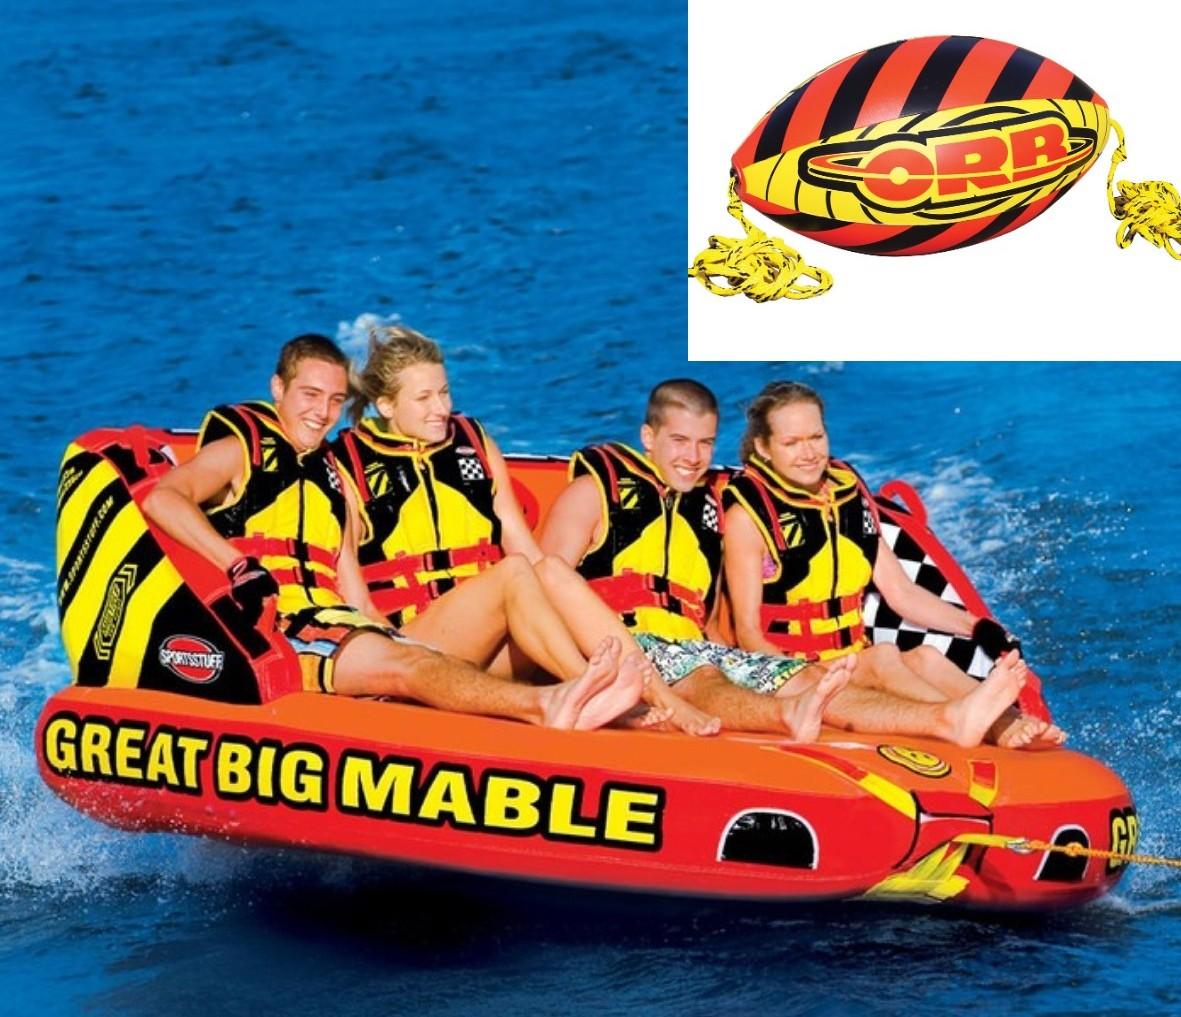 SPORTSSTUFF GREAT BIG MABLE 4人乗り グレート ビッグ マーブル トーイングチューブ/ウォータートーイ/バナナボート/スポーツスタッフ 53-2218 ブースターボール付き